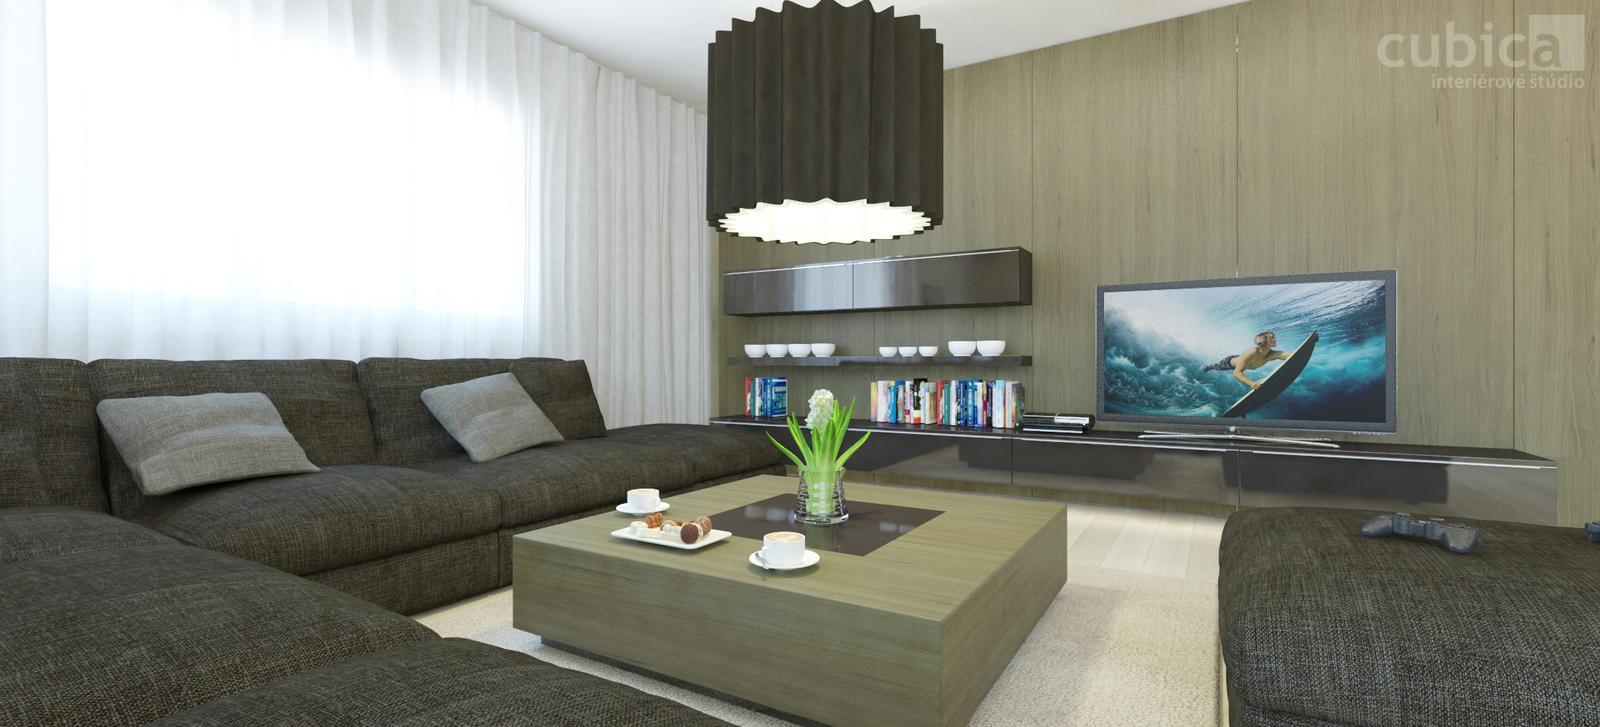 Návrh interiéru bytu v Bratislave - Návrh interiéru bytu